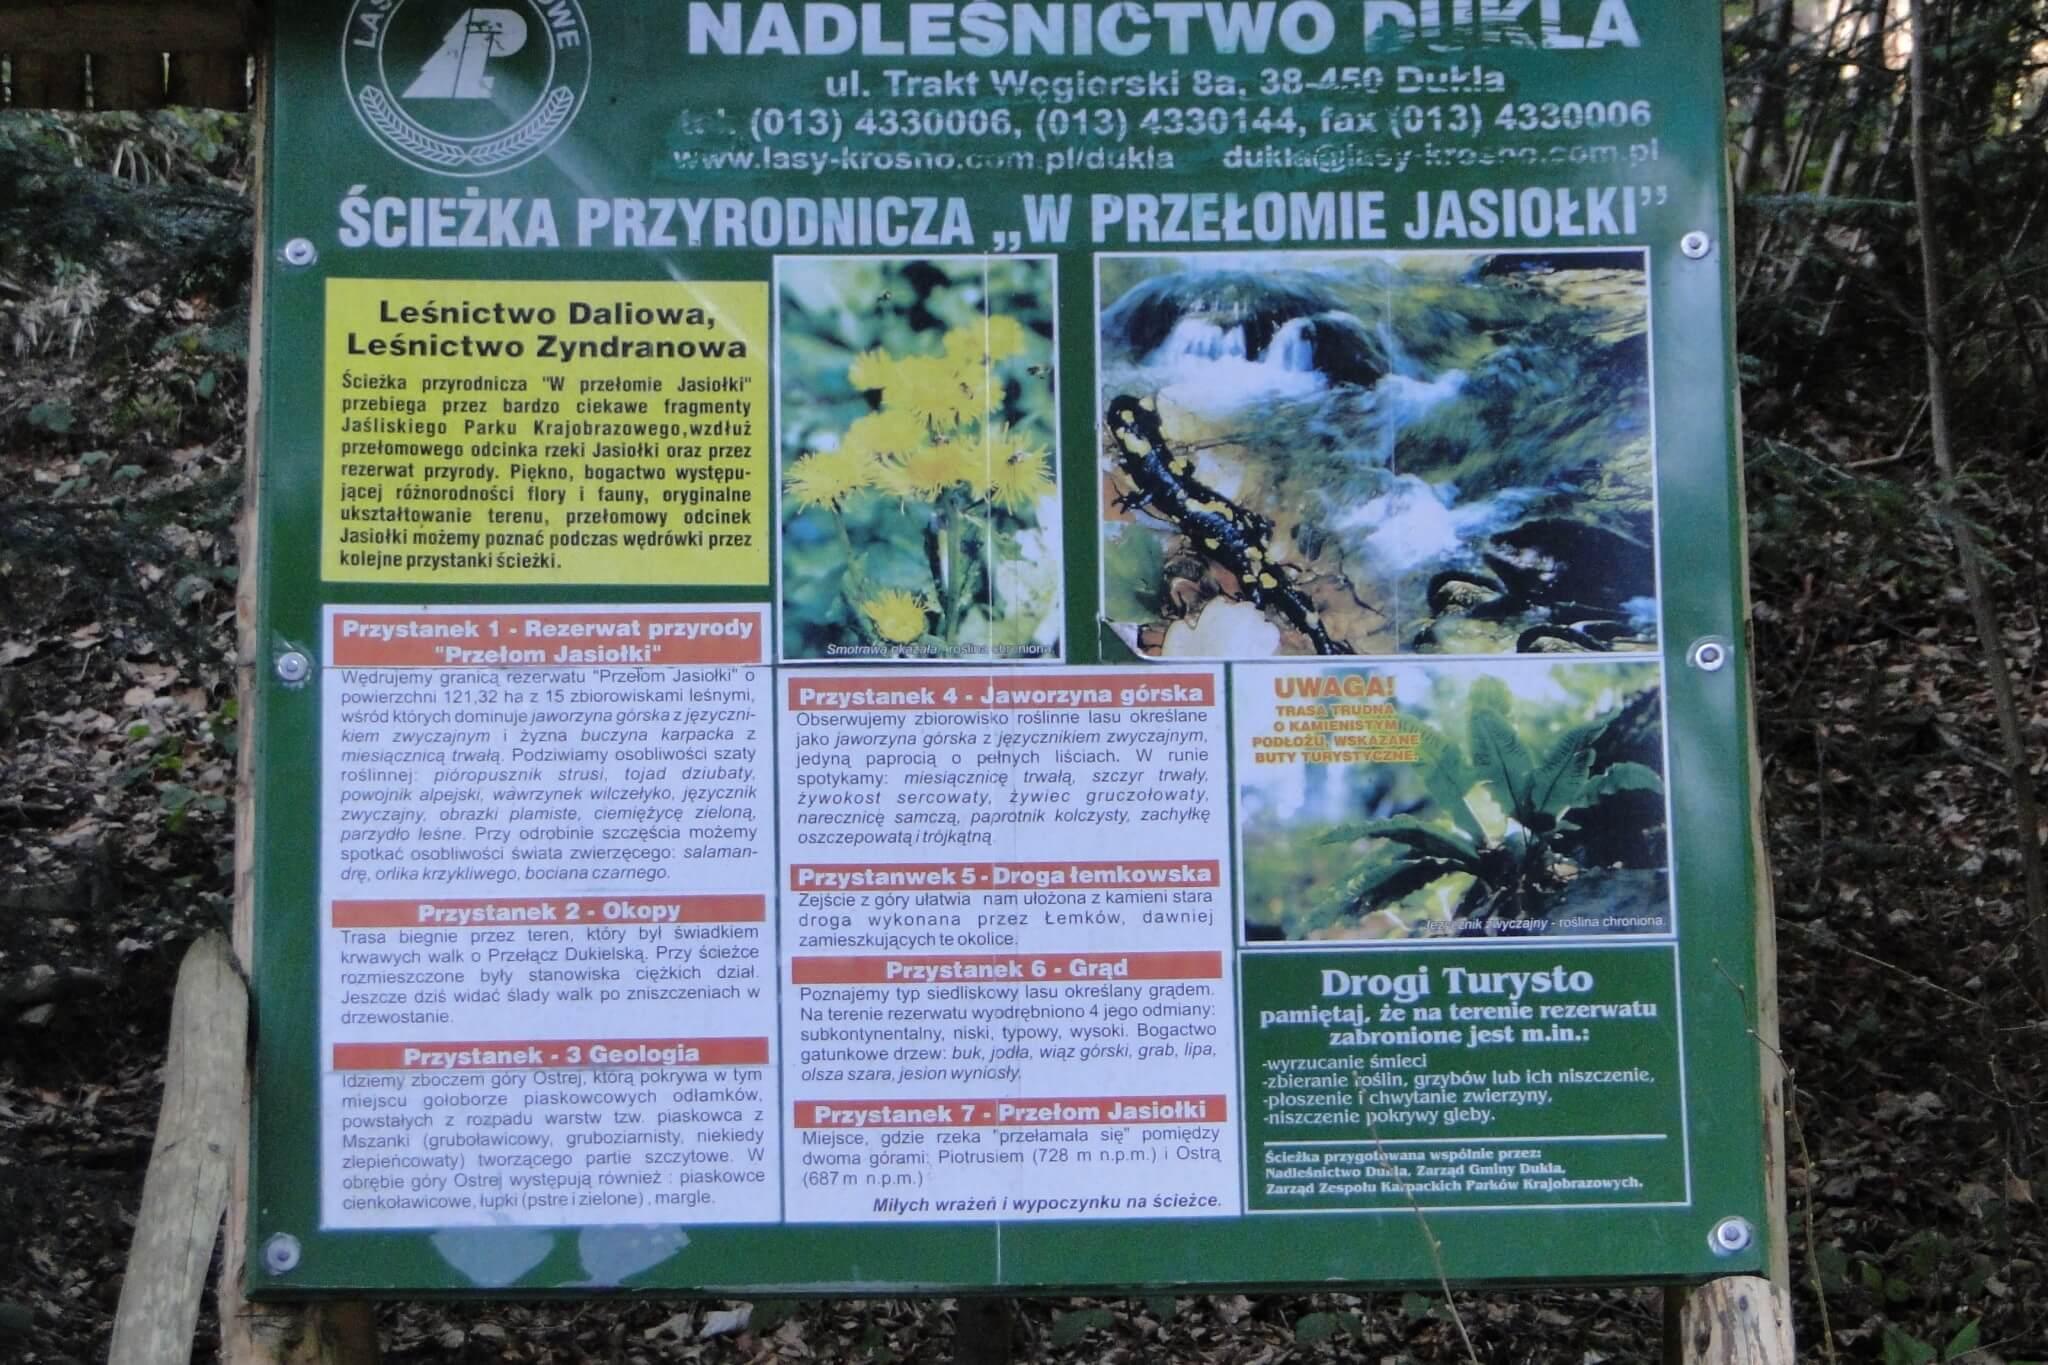 Przełom Jasiołki - w poszukiwaniu wiosny 14